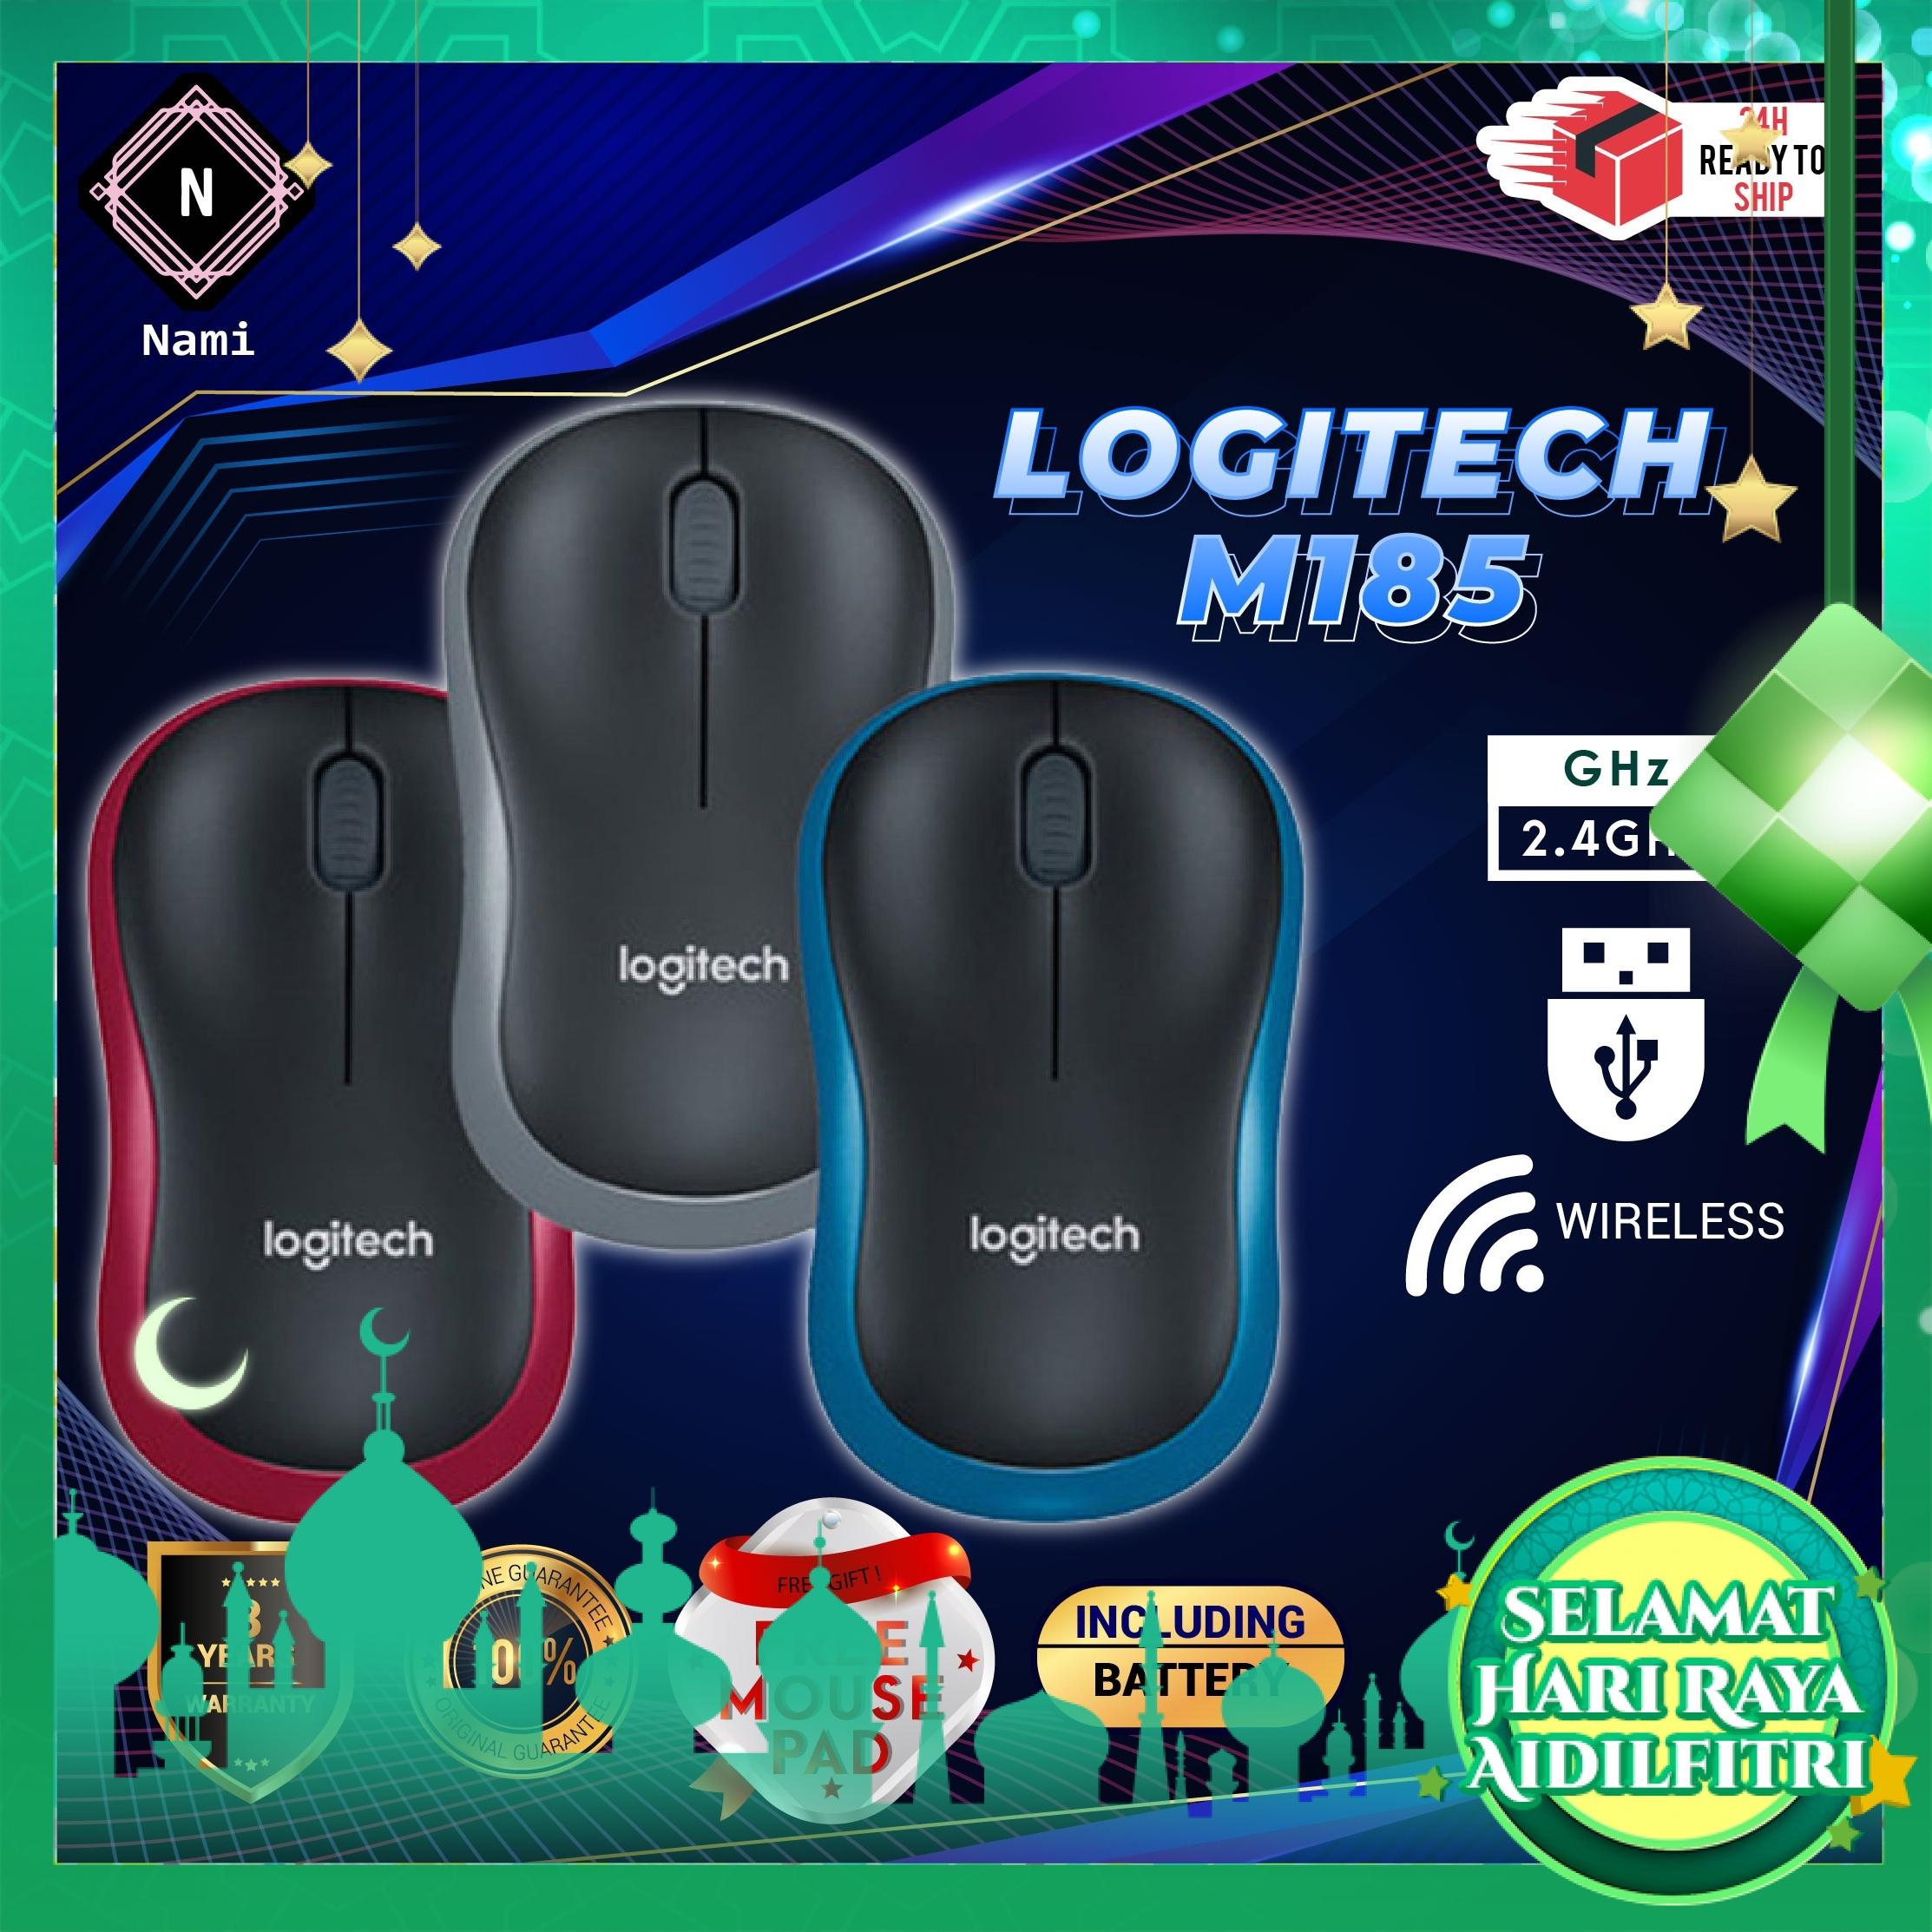 Logitech M185 Wireless Mouse - Original (Double Bubble Wrap Packing + Fragile Sticker)